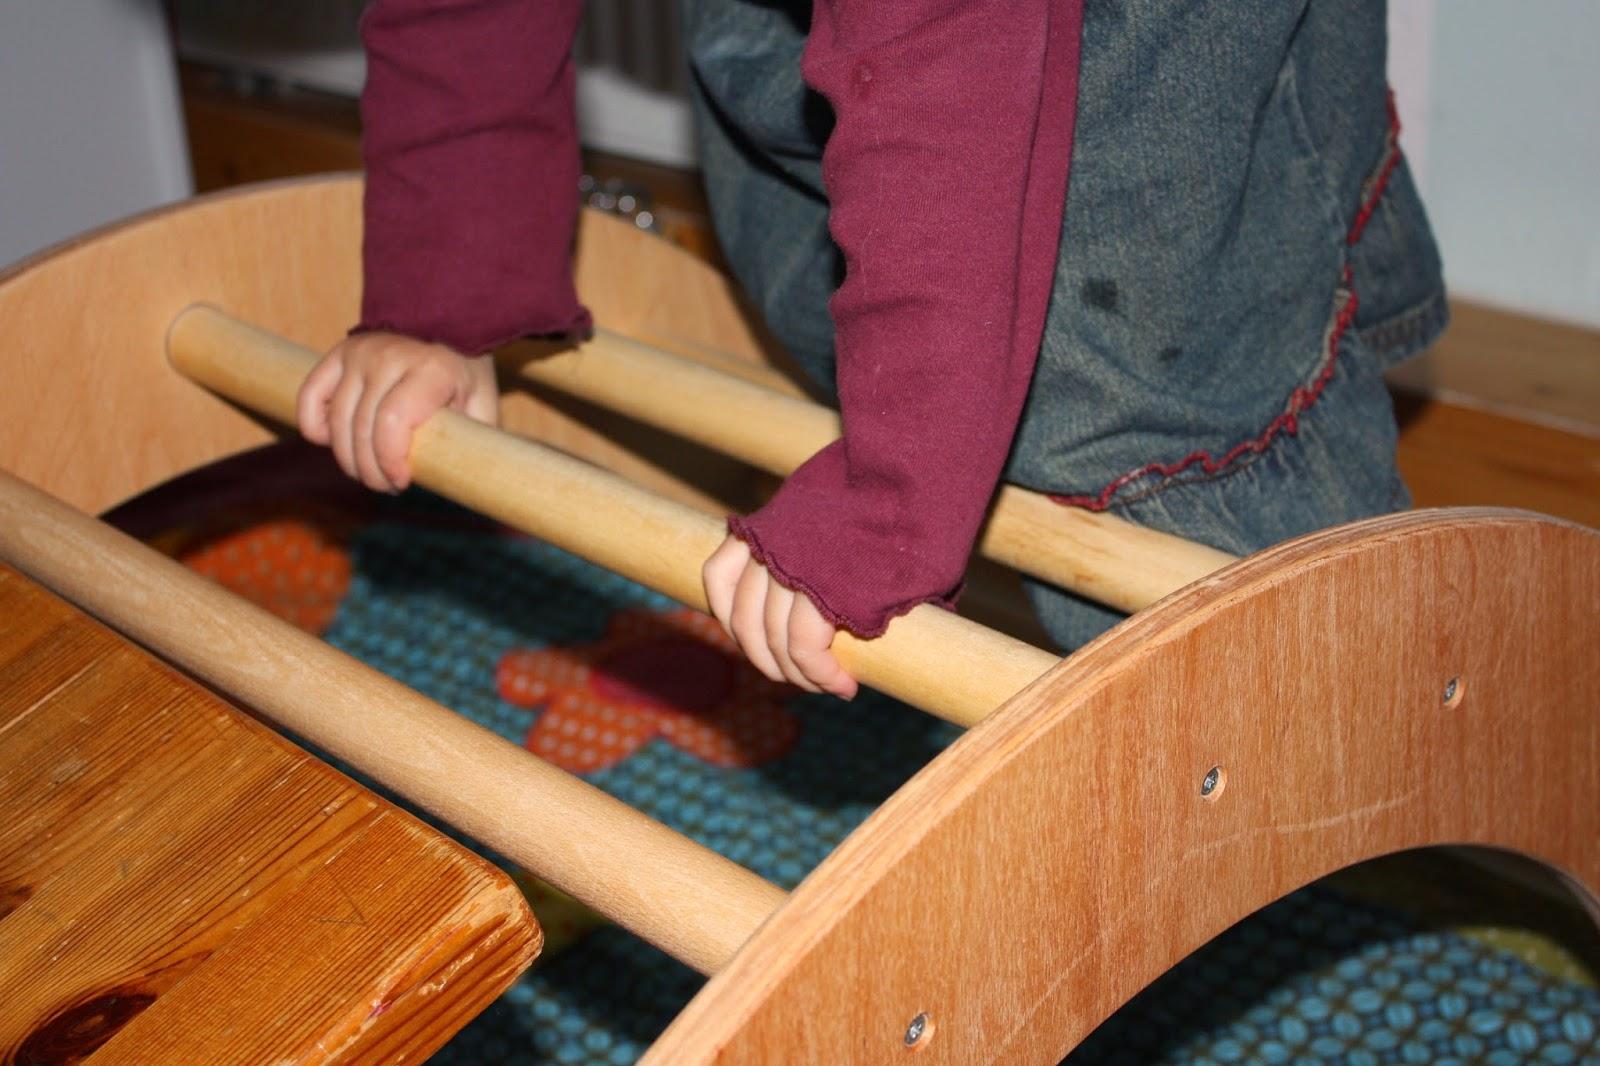 Holz Kletter Bogen : Mutterfreu n de kletterbogen fürs kletterkind